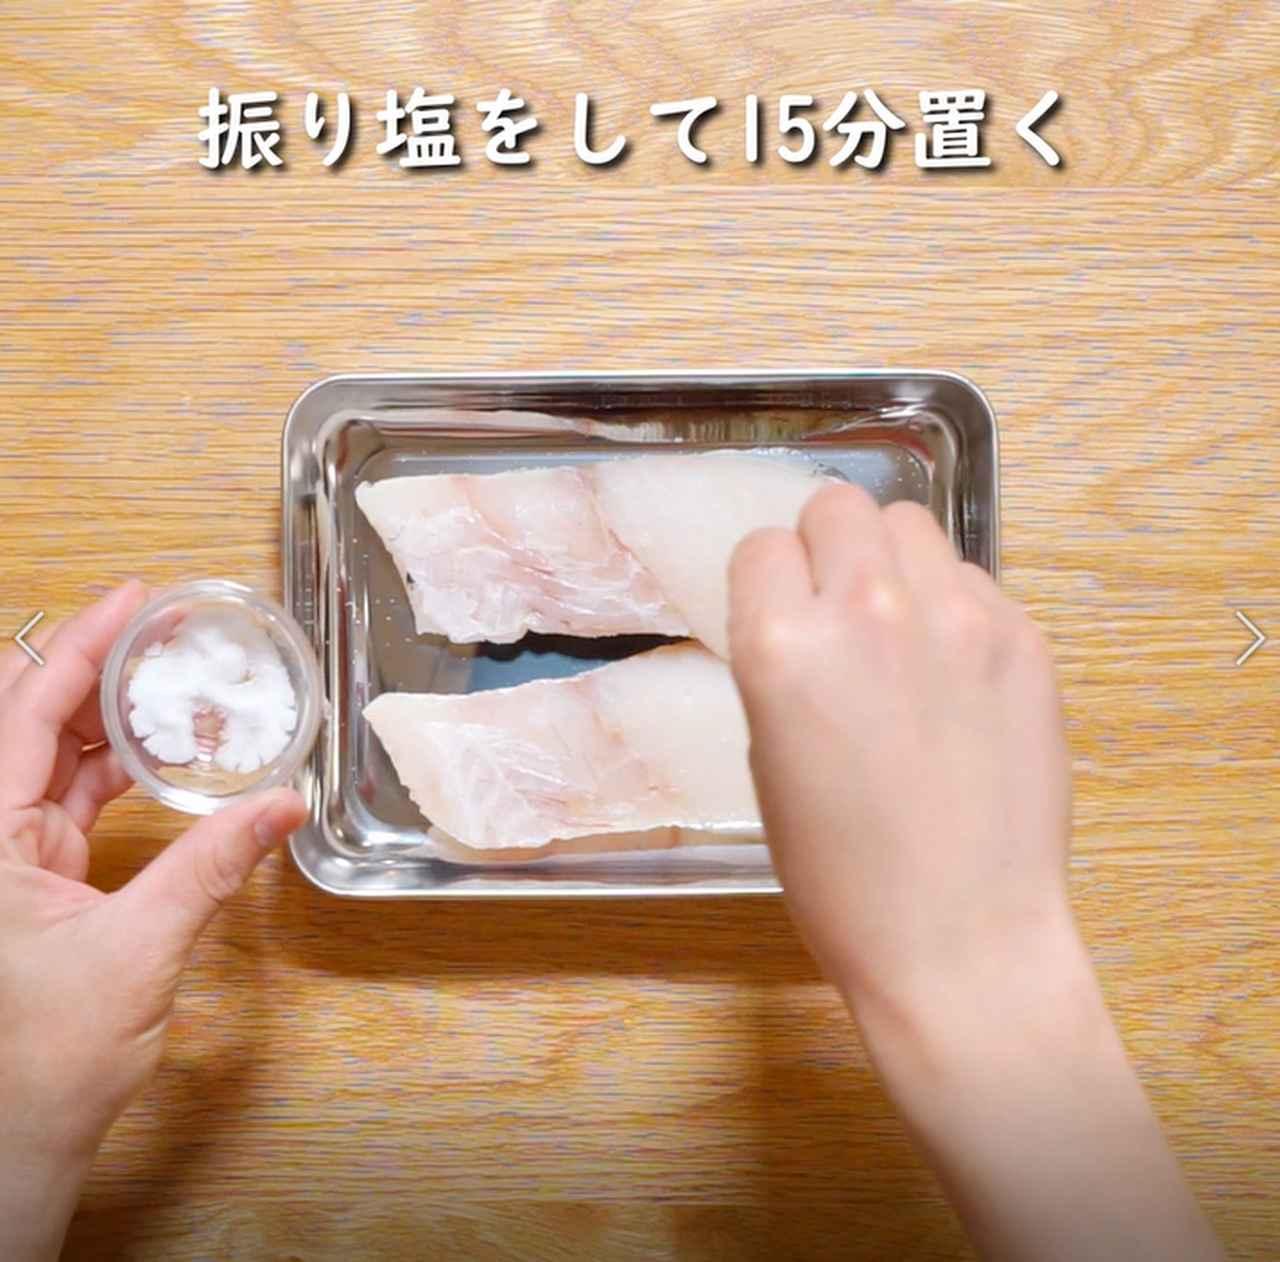 画像1: 特定原材料28品目不使用 レシピ